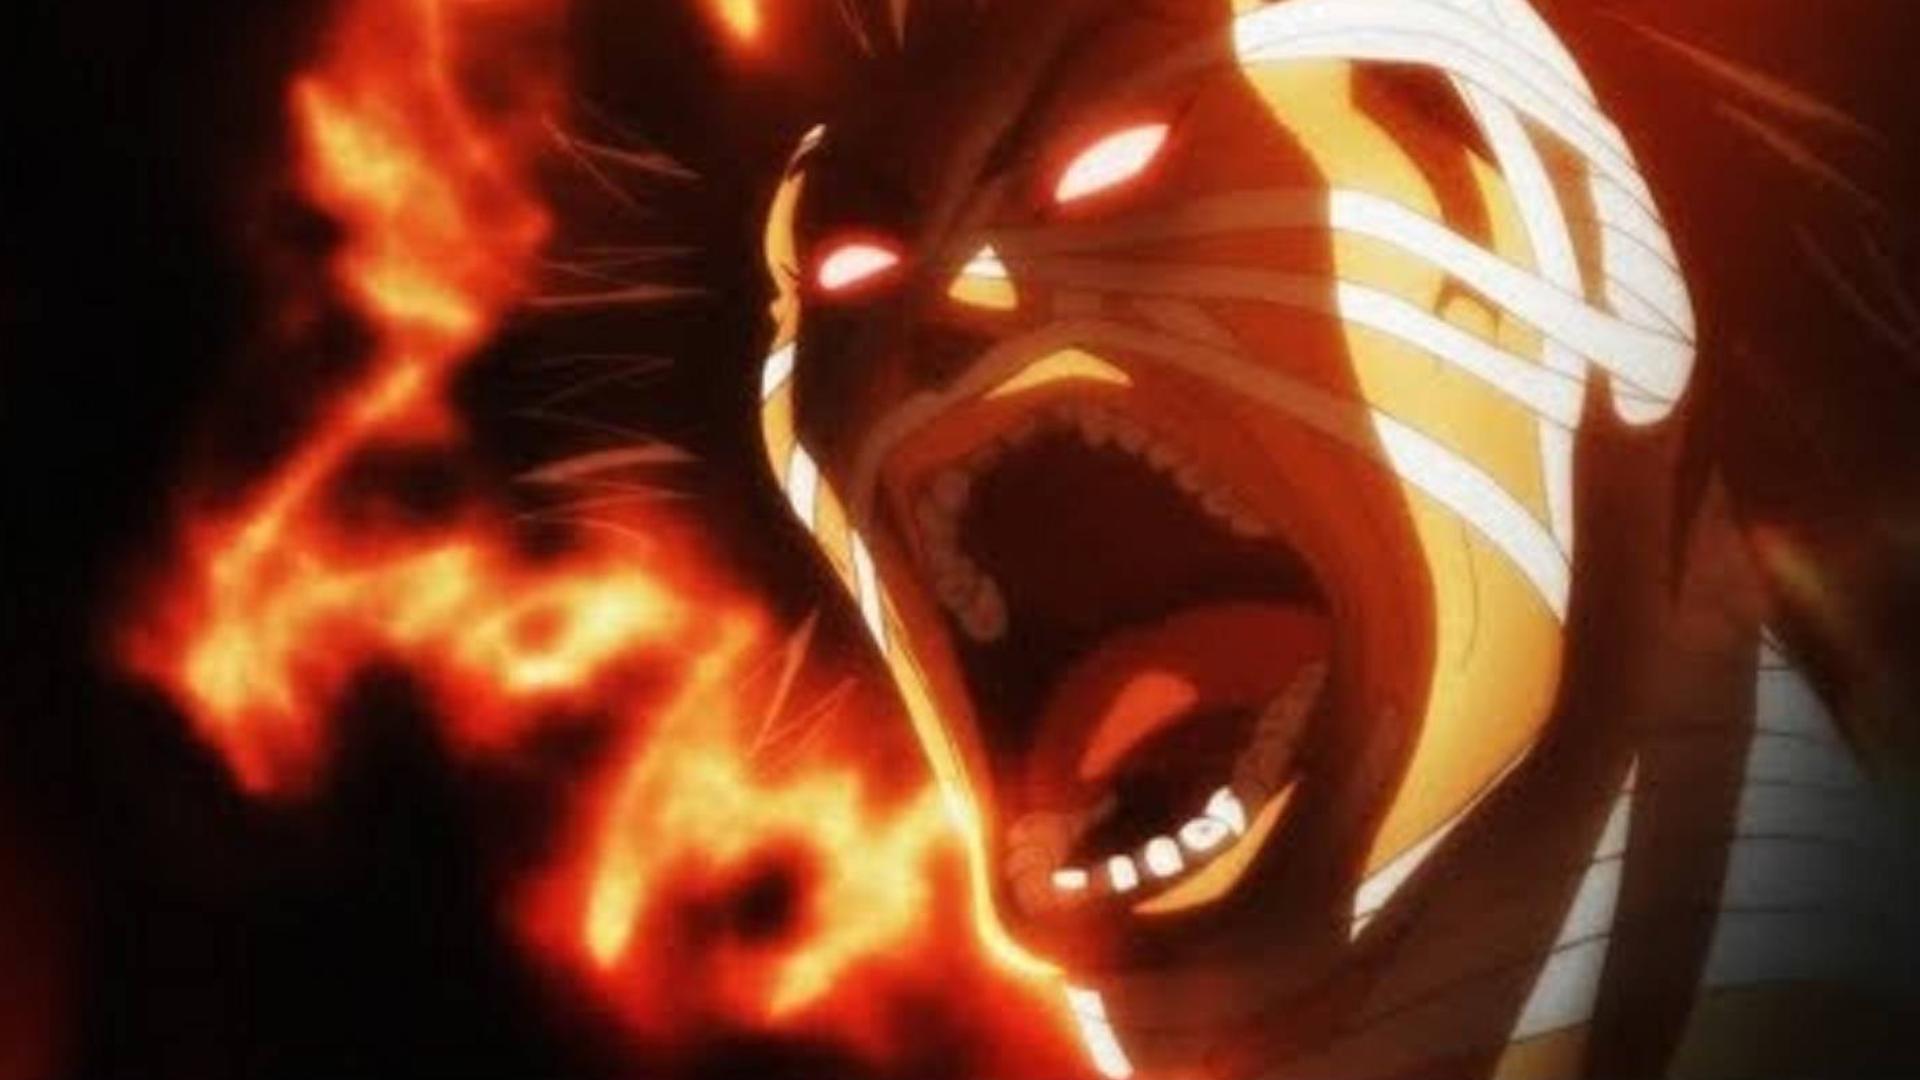 【刃牙2超燃打斗】刃牙里的选手和拳愿阿修罗里面的斗技者,不知谁更厉害!